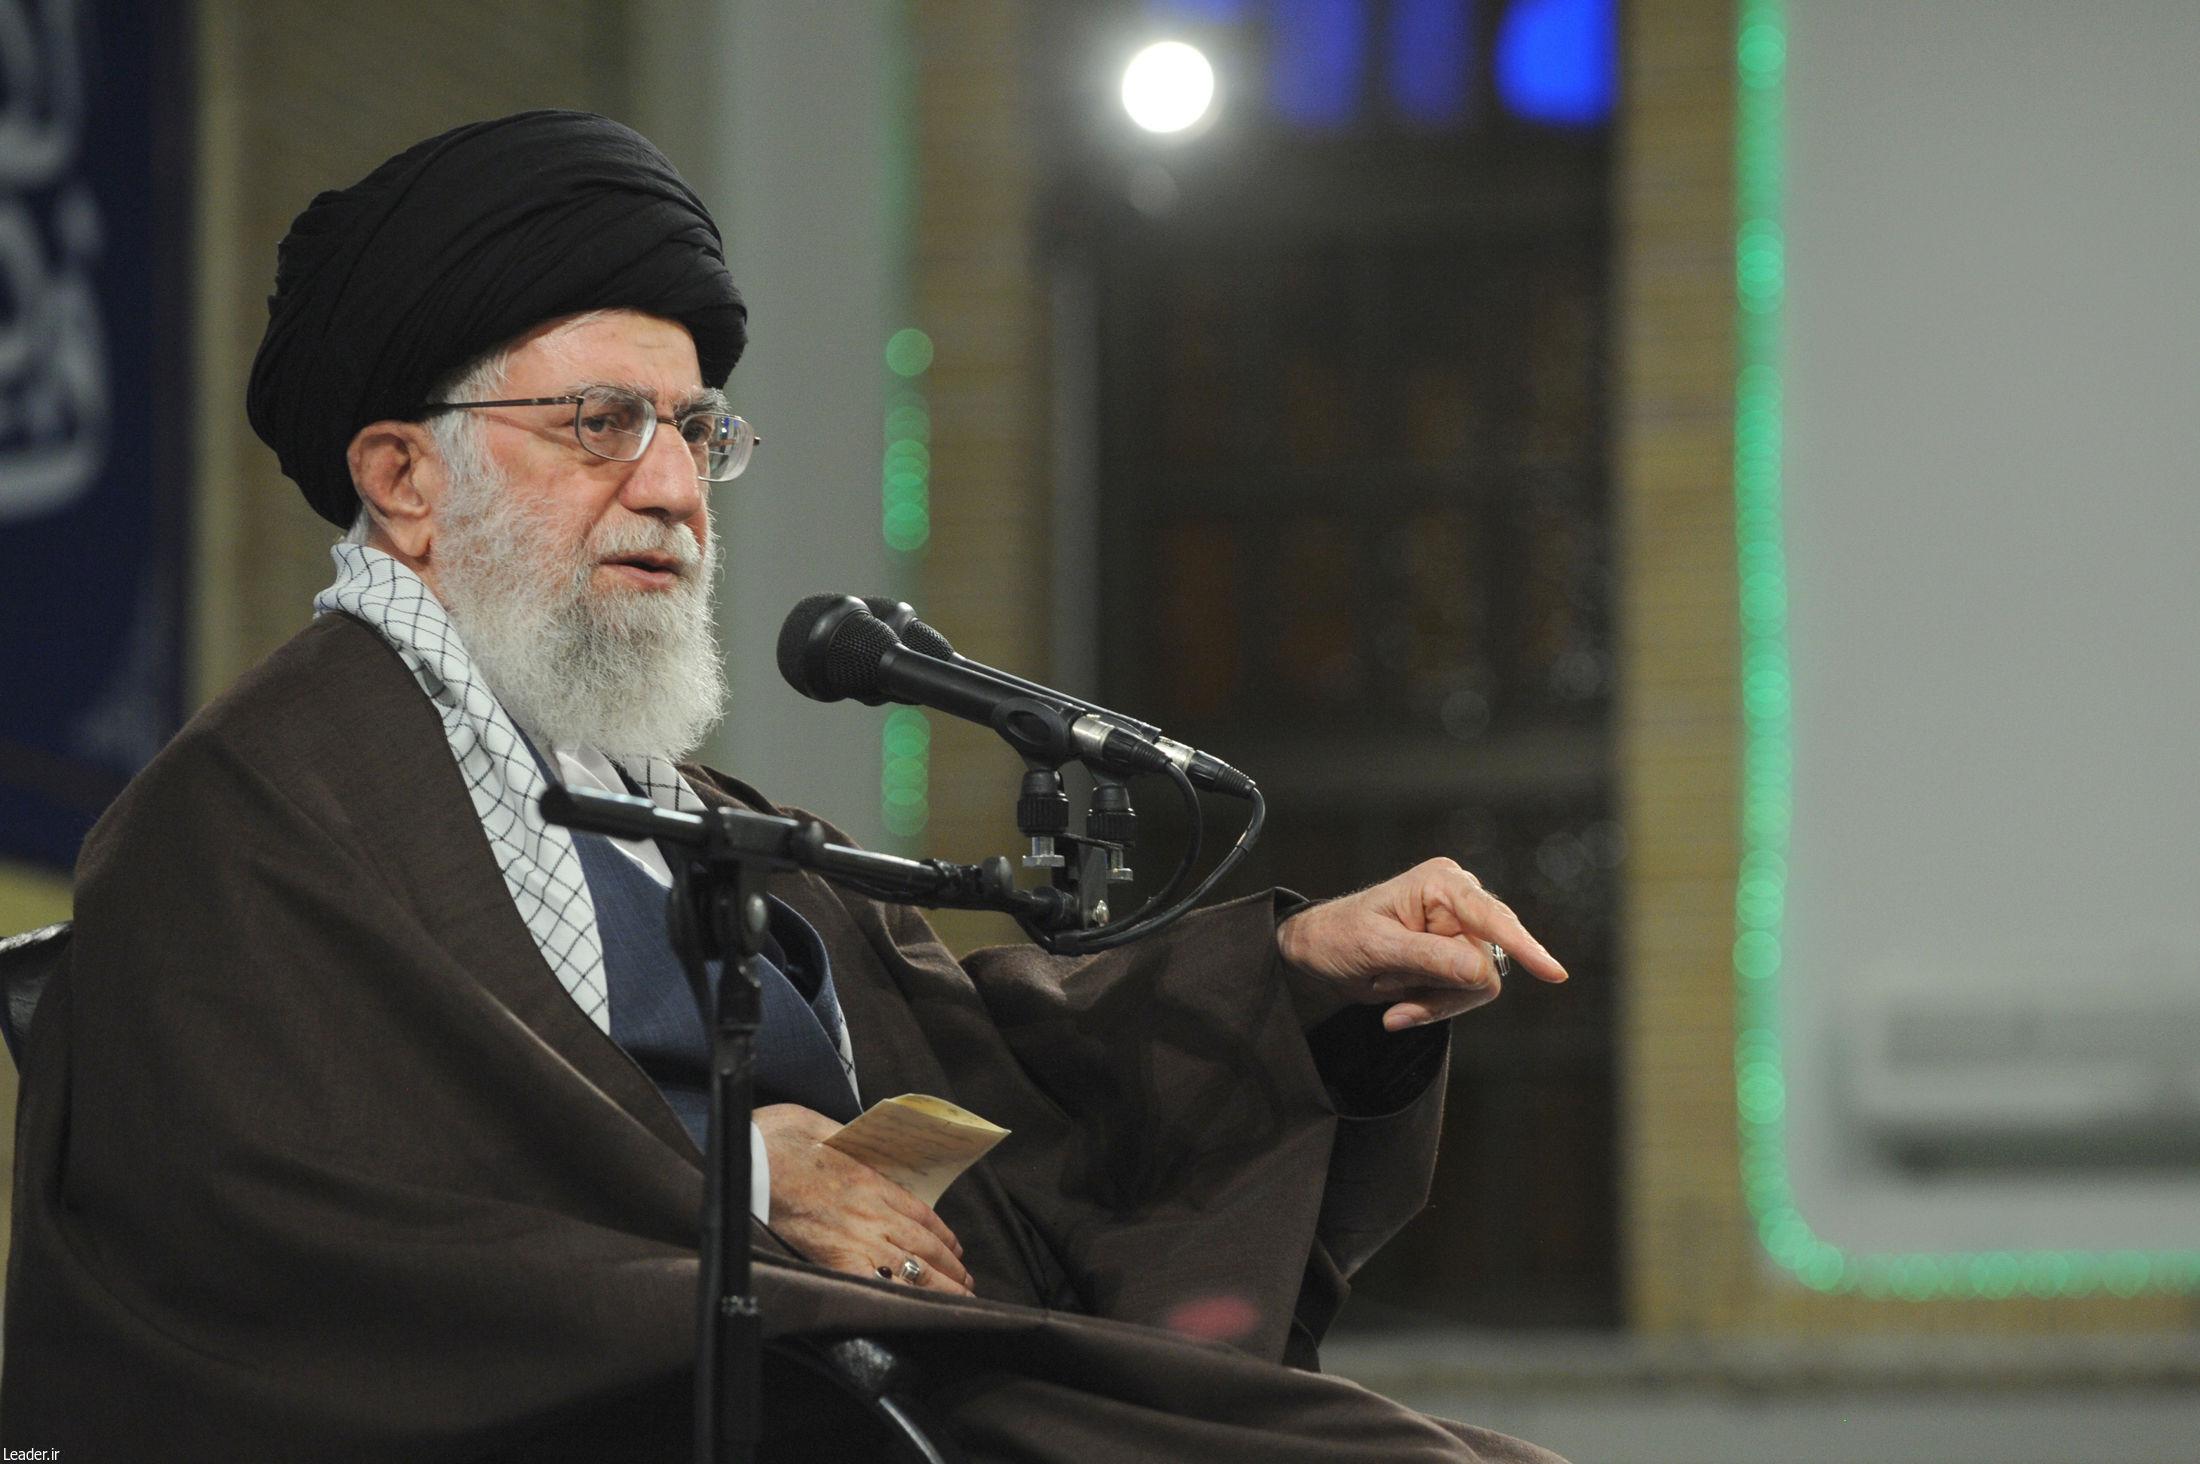 حضور ایران در منطقه ربطی به امریکا و اروپا ندارد/ملت ایران همواره آماده است هر متجاوزی را به جای خود بنشاند